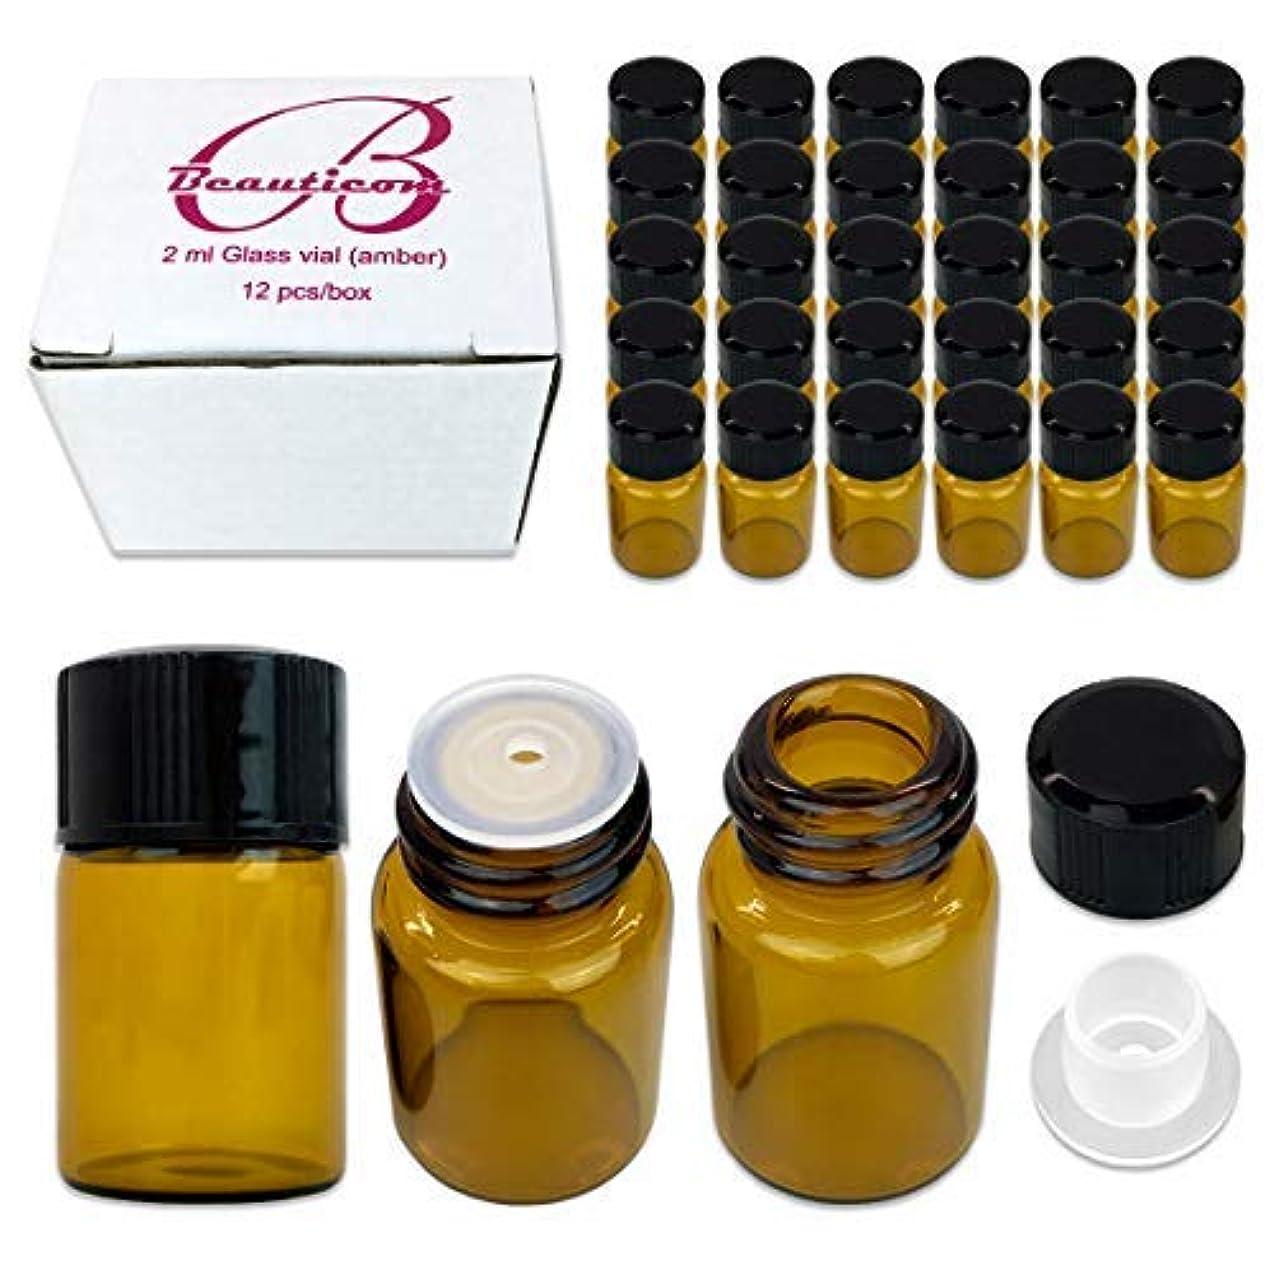 最も遠いオープナー金銭的な48 Packs Beauticom 2ML Amber Glass Vial for Essential Oils, Aromatherapy, Fragrance, Serums, Spritzes, with Orifice...